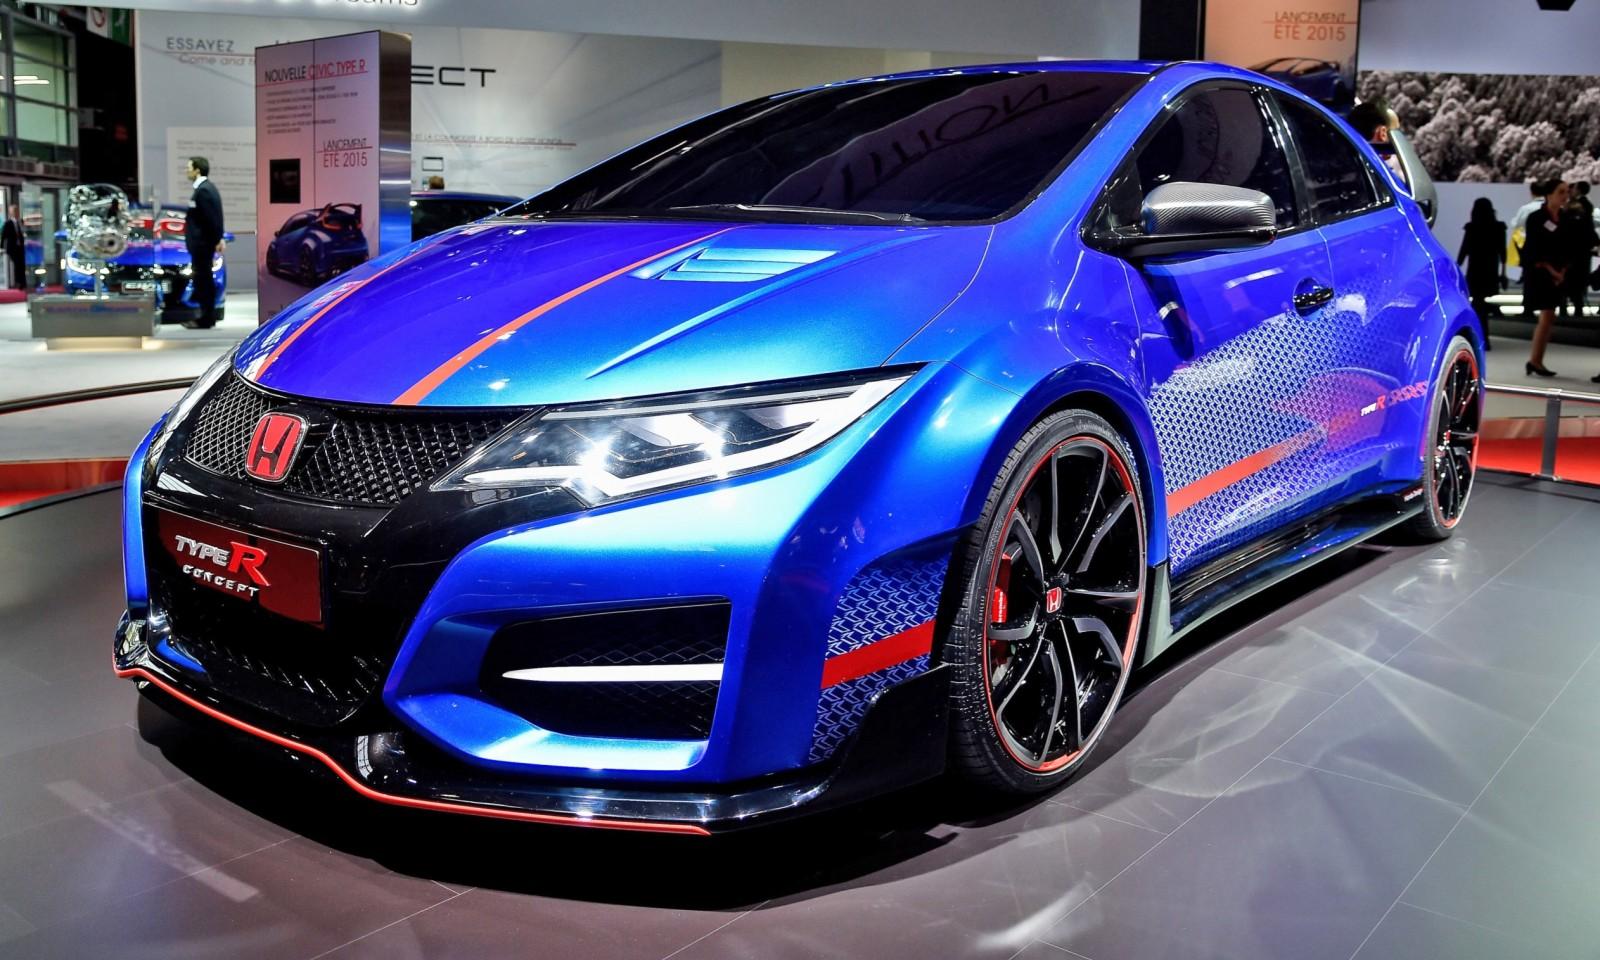 2015 Honda Civic Type R Concept Two Makes Paris Debut 5